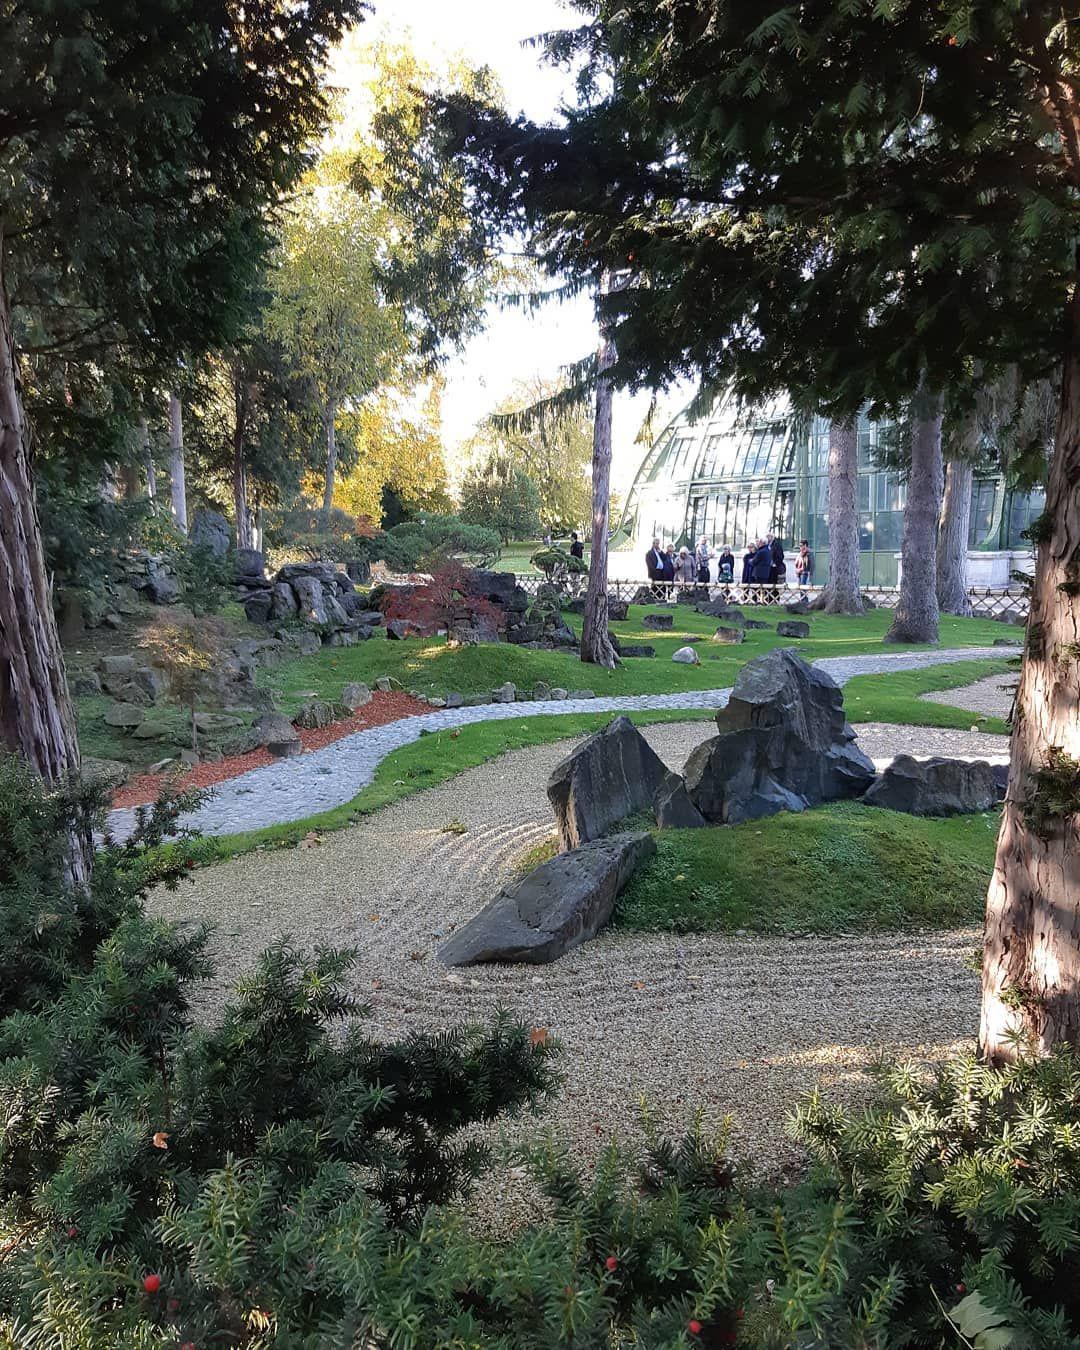 Eine Kleine Ruheinsel In Der Hektik Der Grossstadt Japanischergarten Schonbrunn Wien Vienna Nice Ruheinsel Relax Enjoy Japanischer Garten Garten Japan